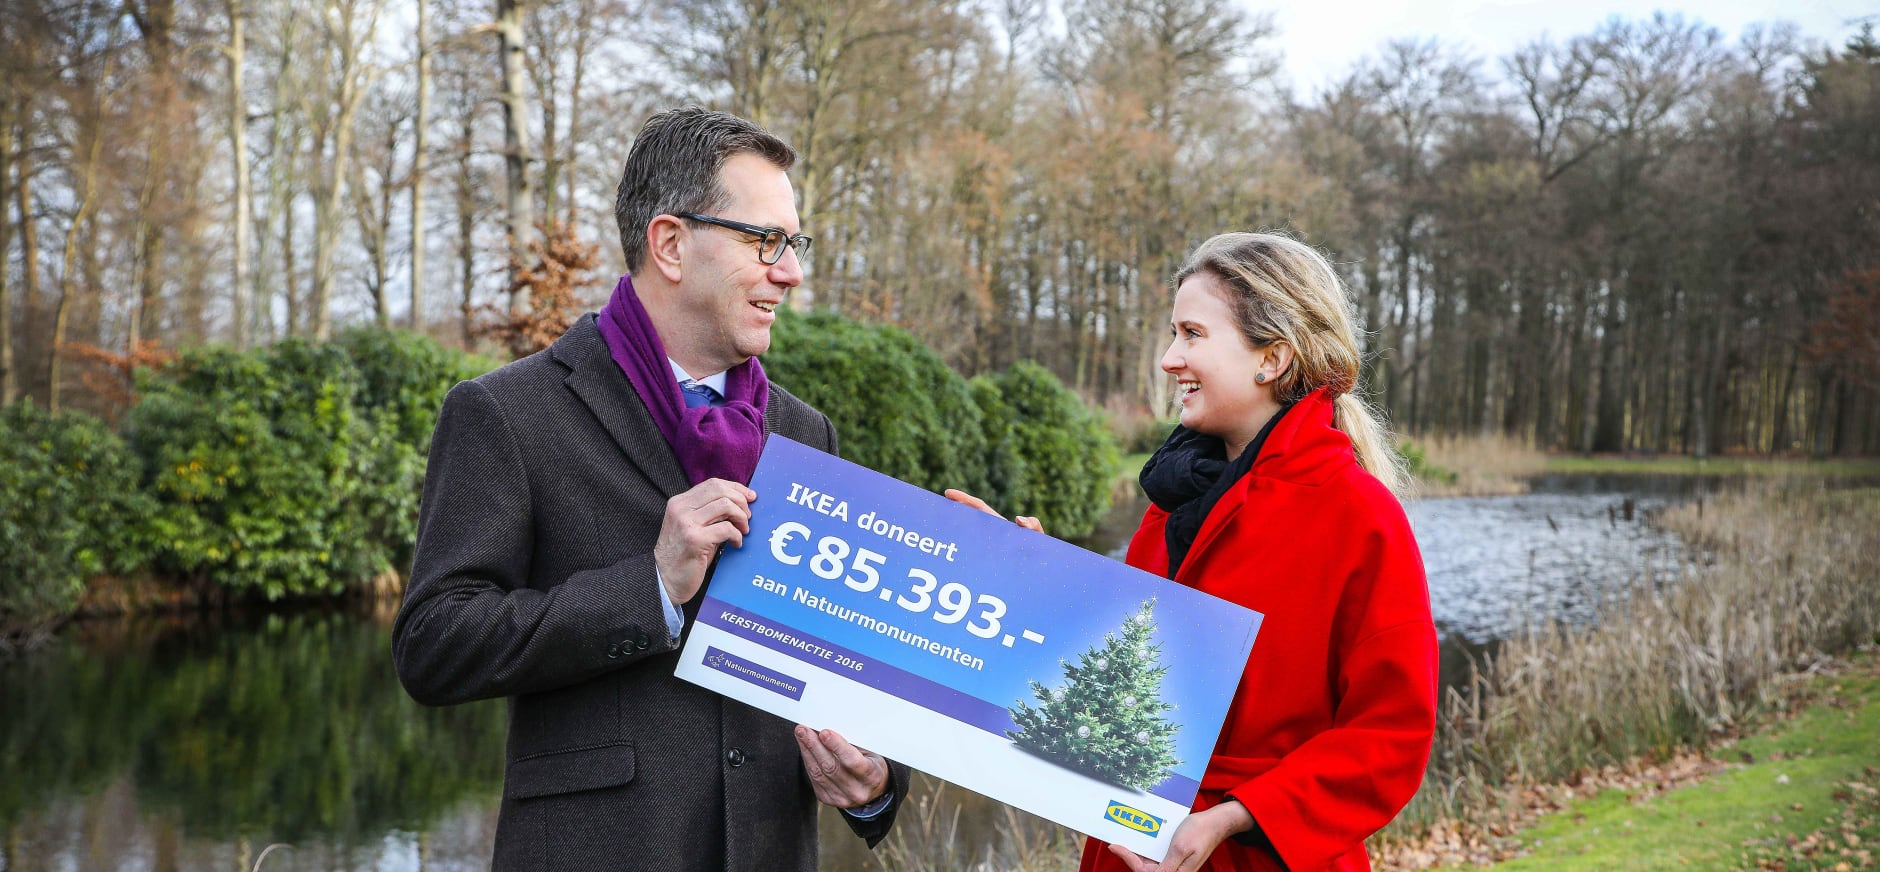 IKEA Kerstbomenactie levert 85.393 euro voor de natuur op